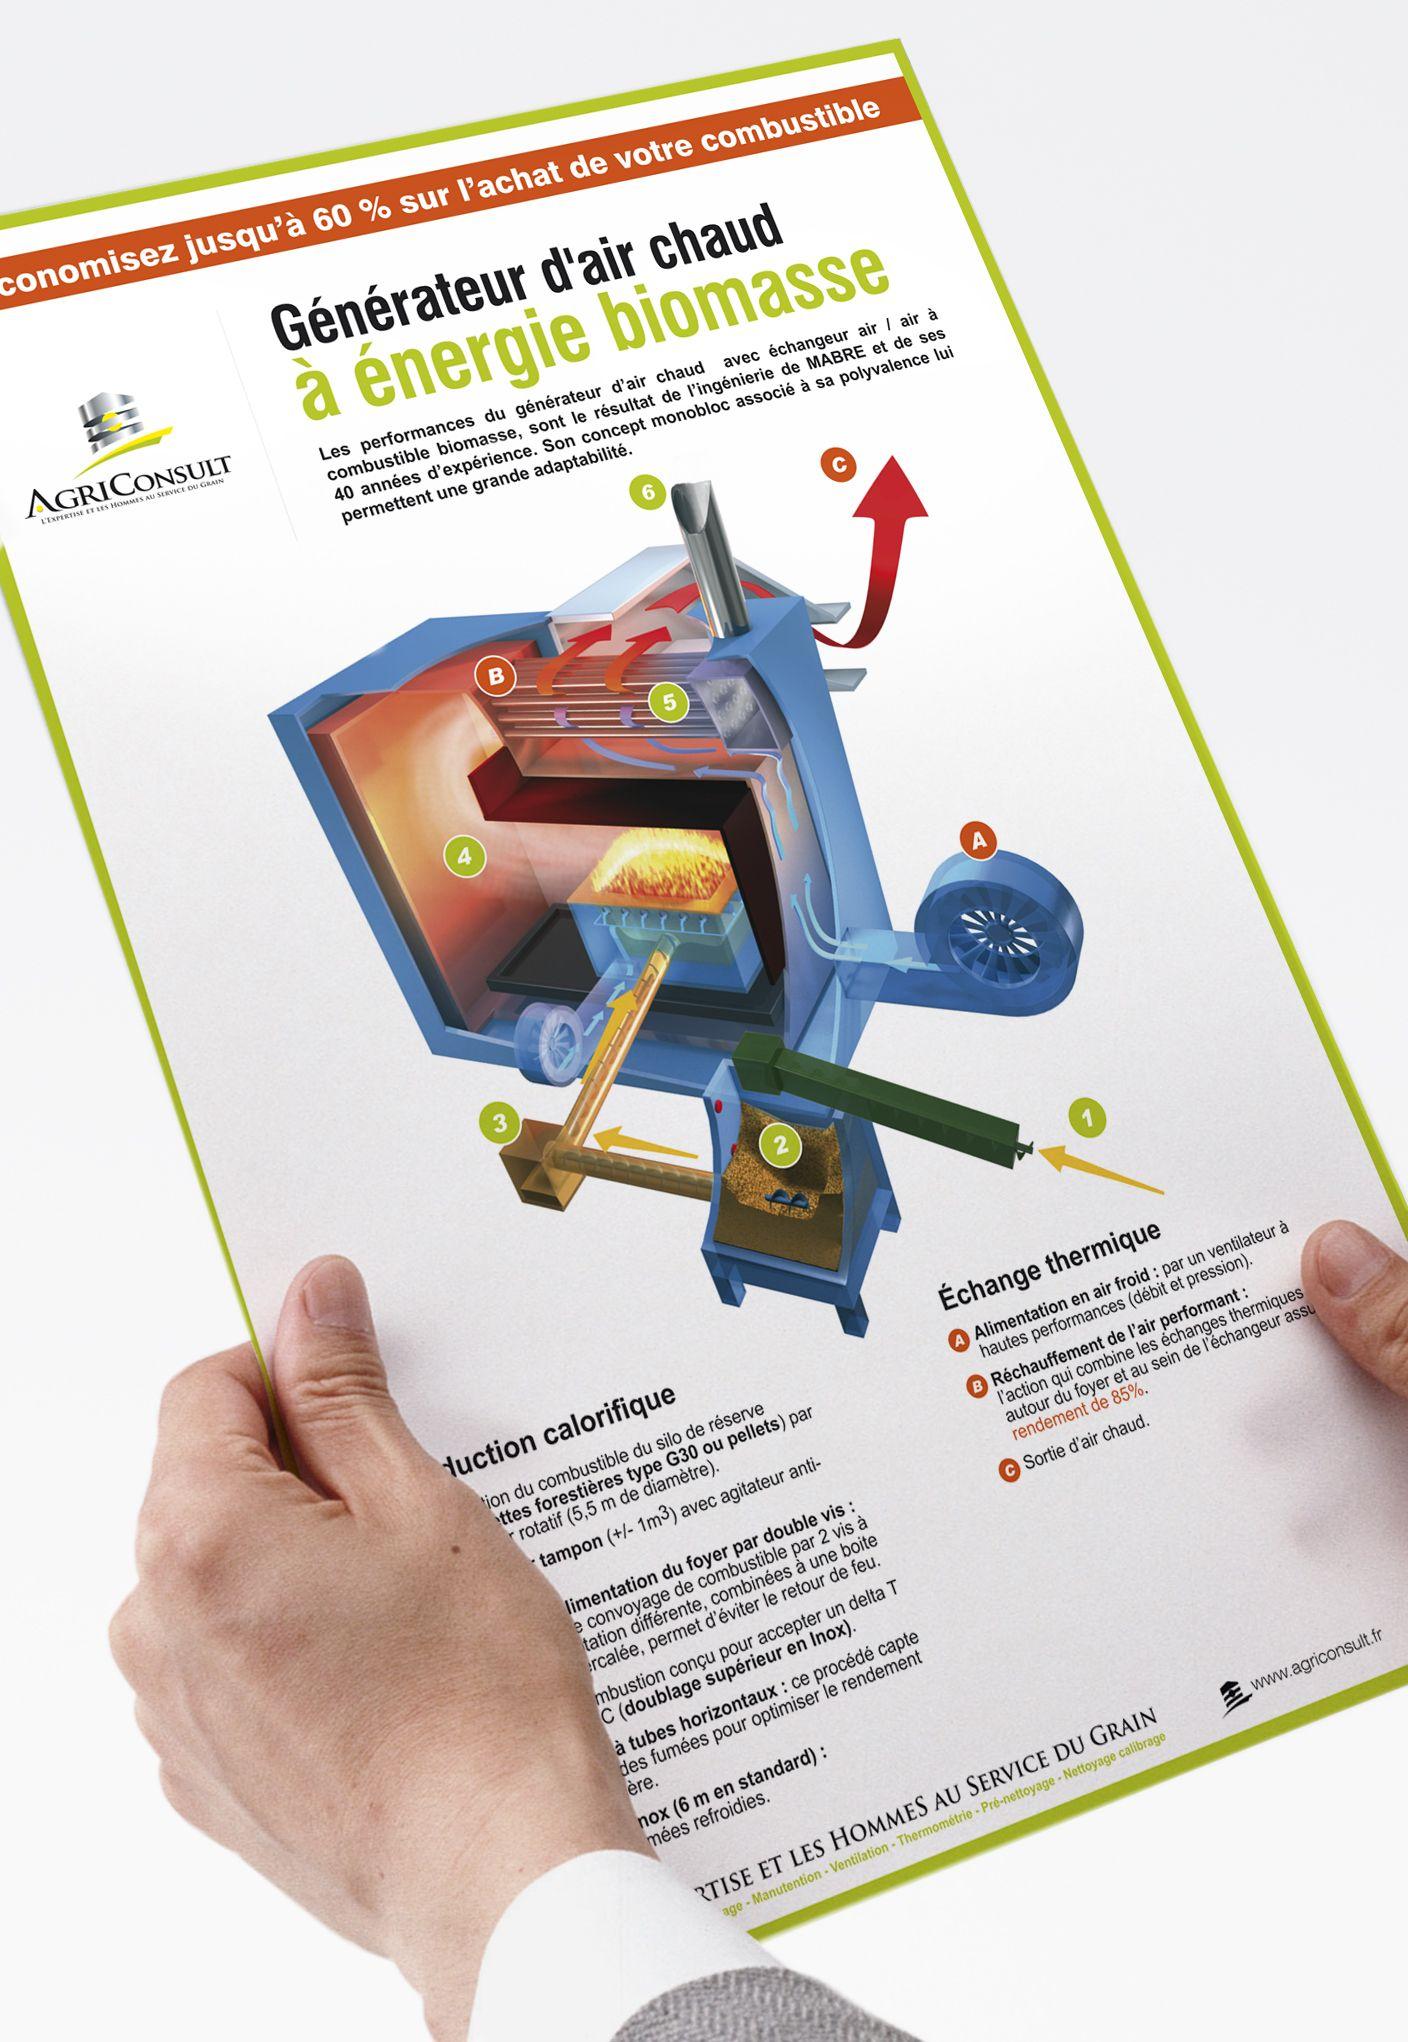 Plaquette produit AgriConsult par La Griffe, Agence de communication, design et web à Dijon